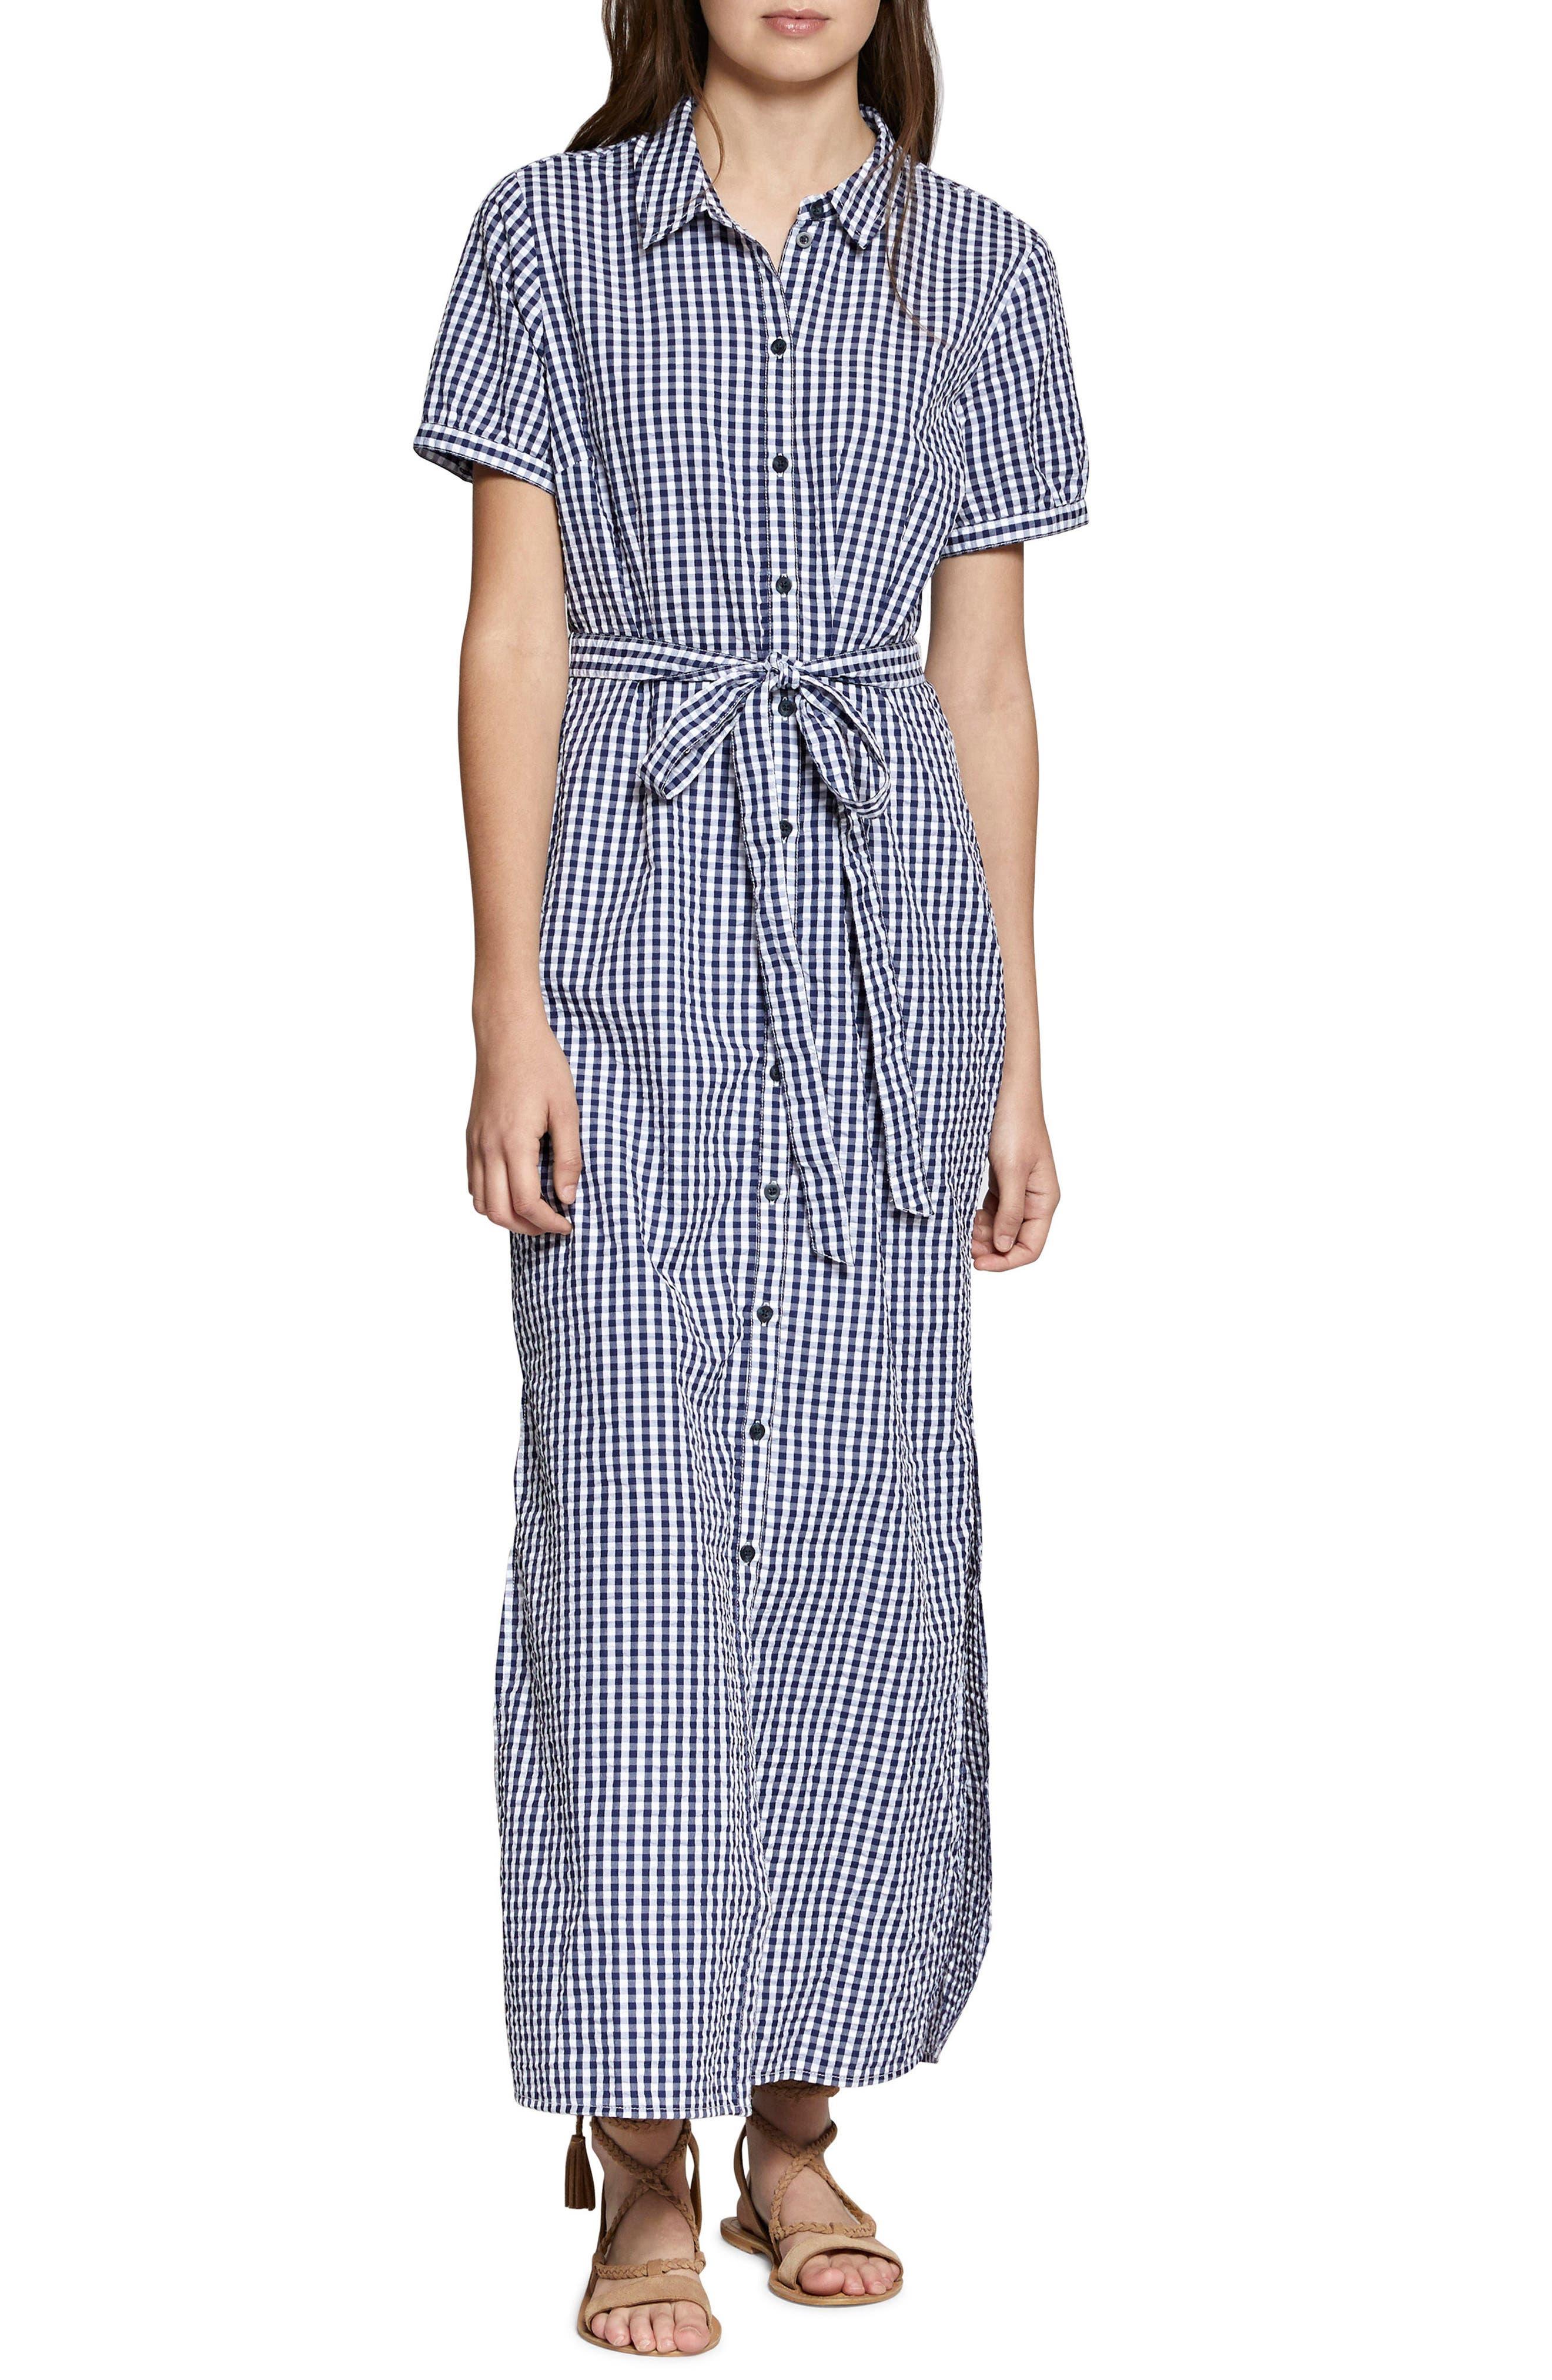 Blue Dawn Maxi Dress,                             Main thumbnail 1, color,                             452